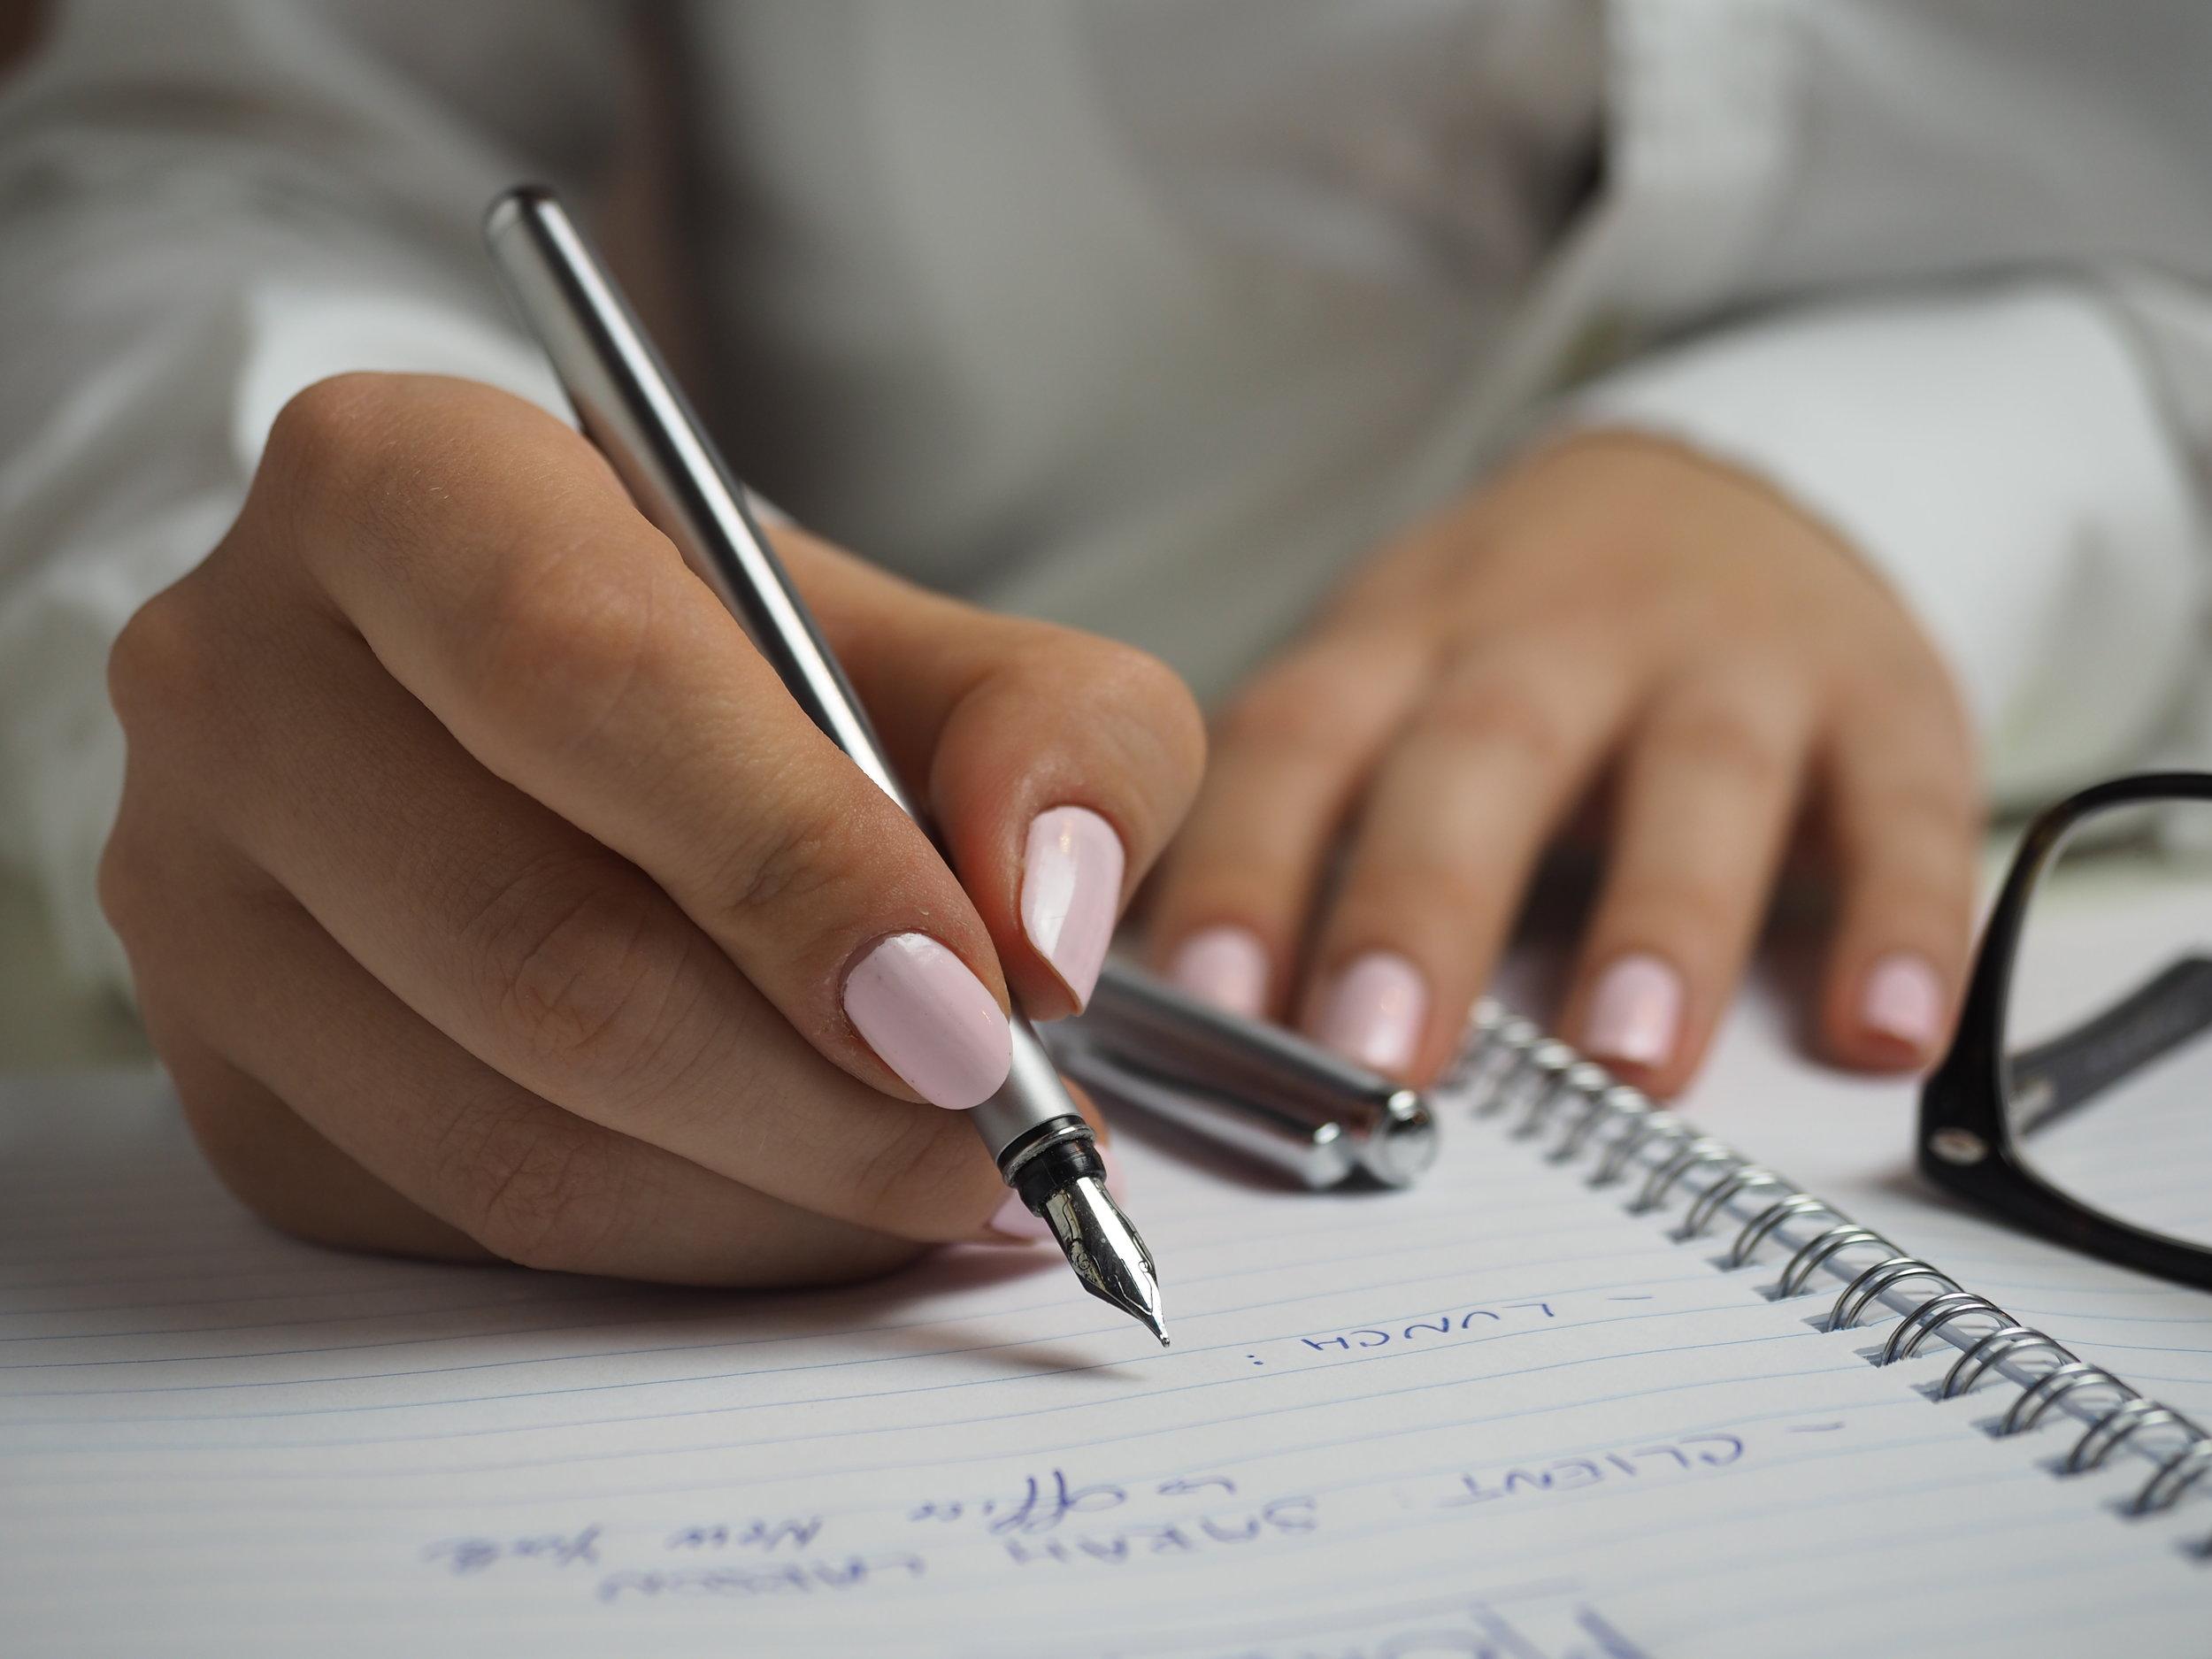 notebook-writing-work-hand-pen-finger-921425-pxhere.com.jpg